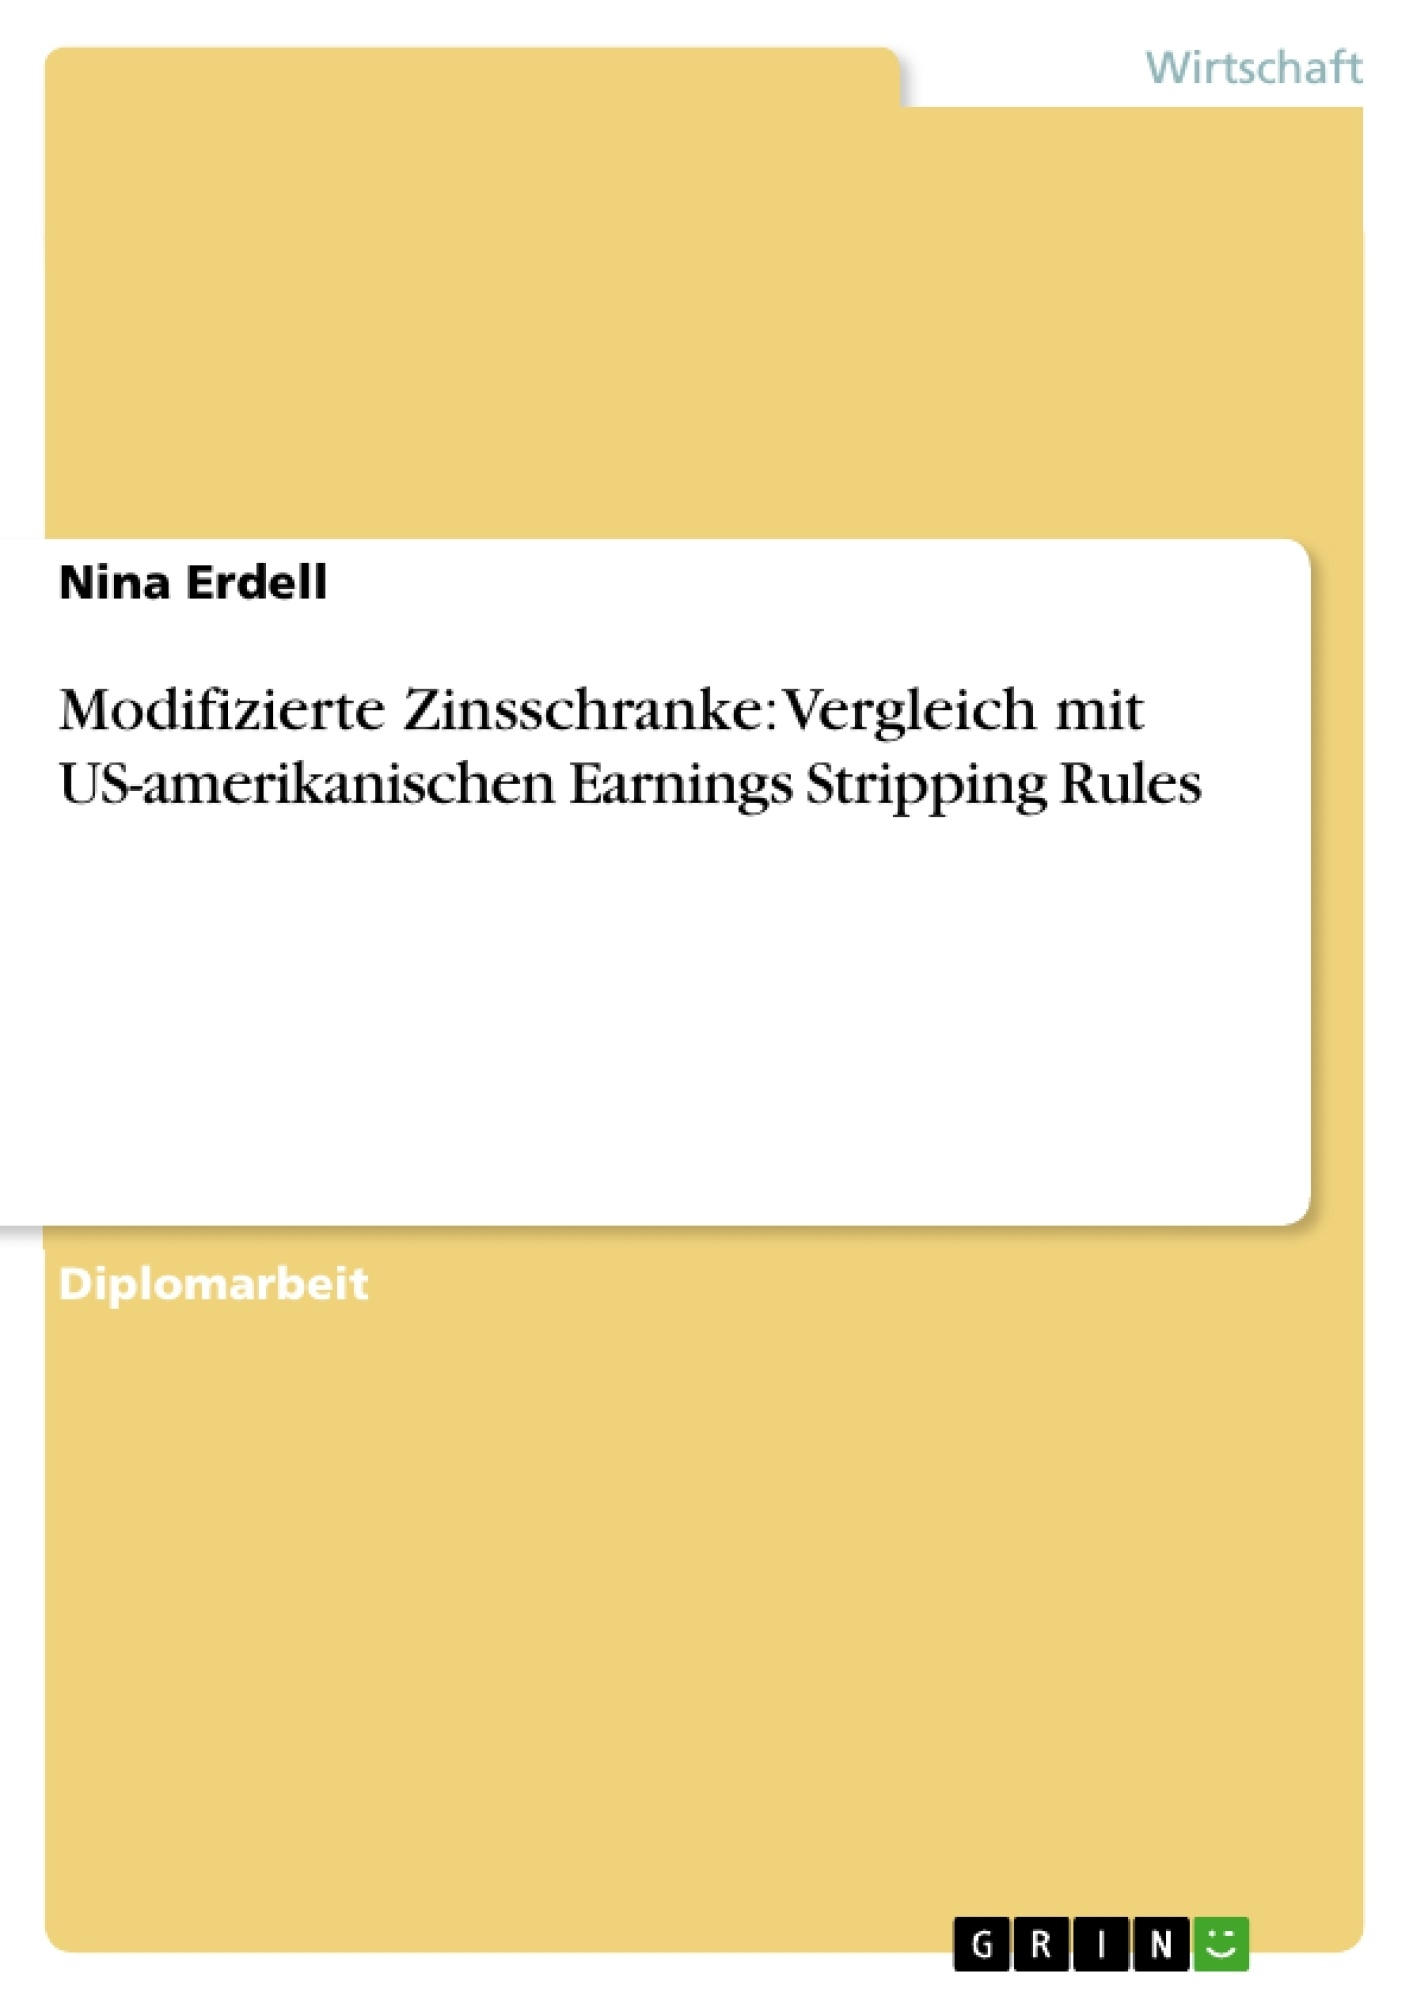 Titel: Modifizierte Zinsschranke: Vergleich mit US-amerikanischen Earnings Stripping Rules